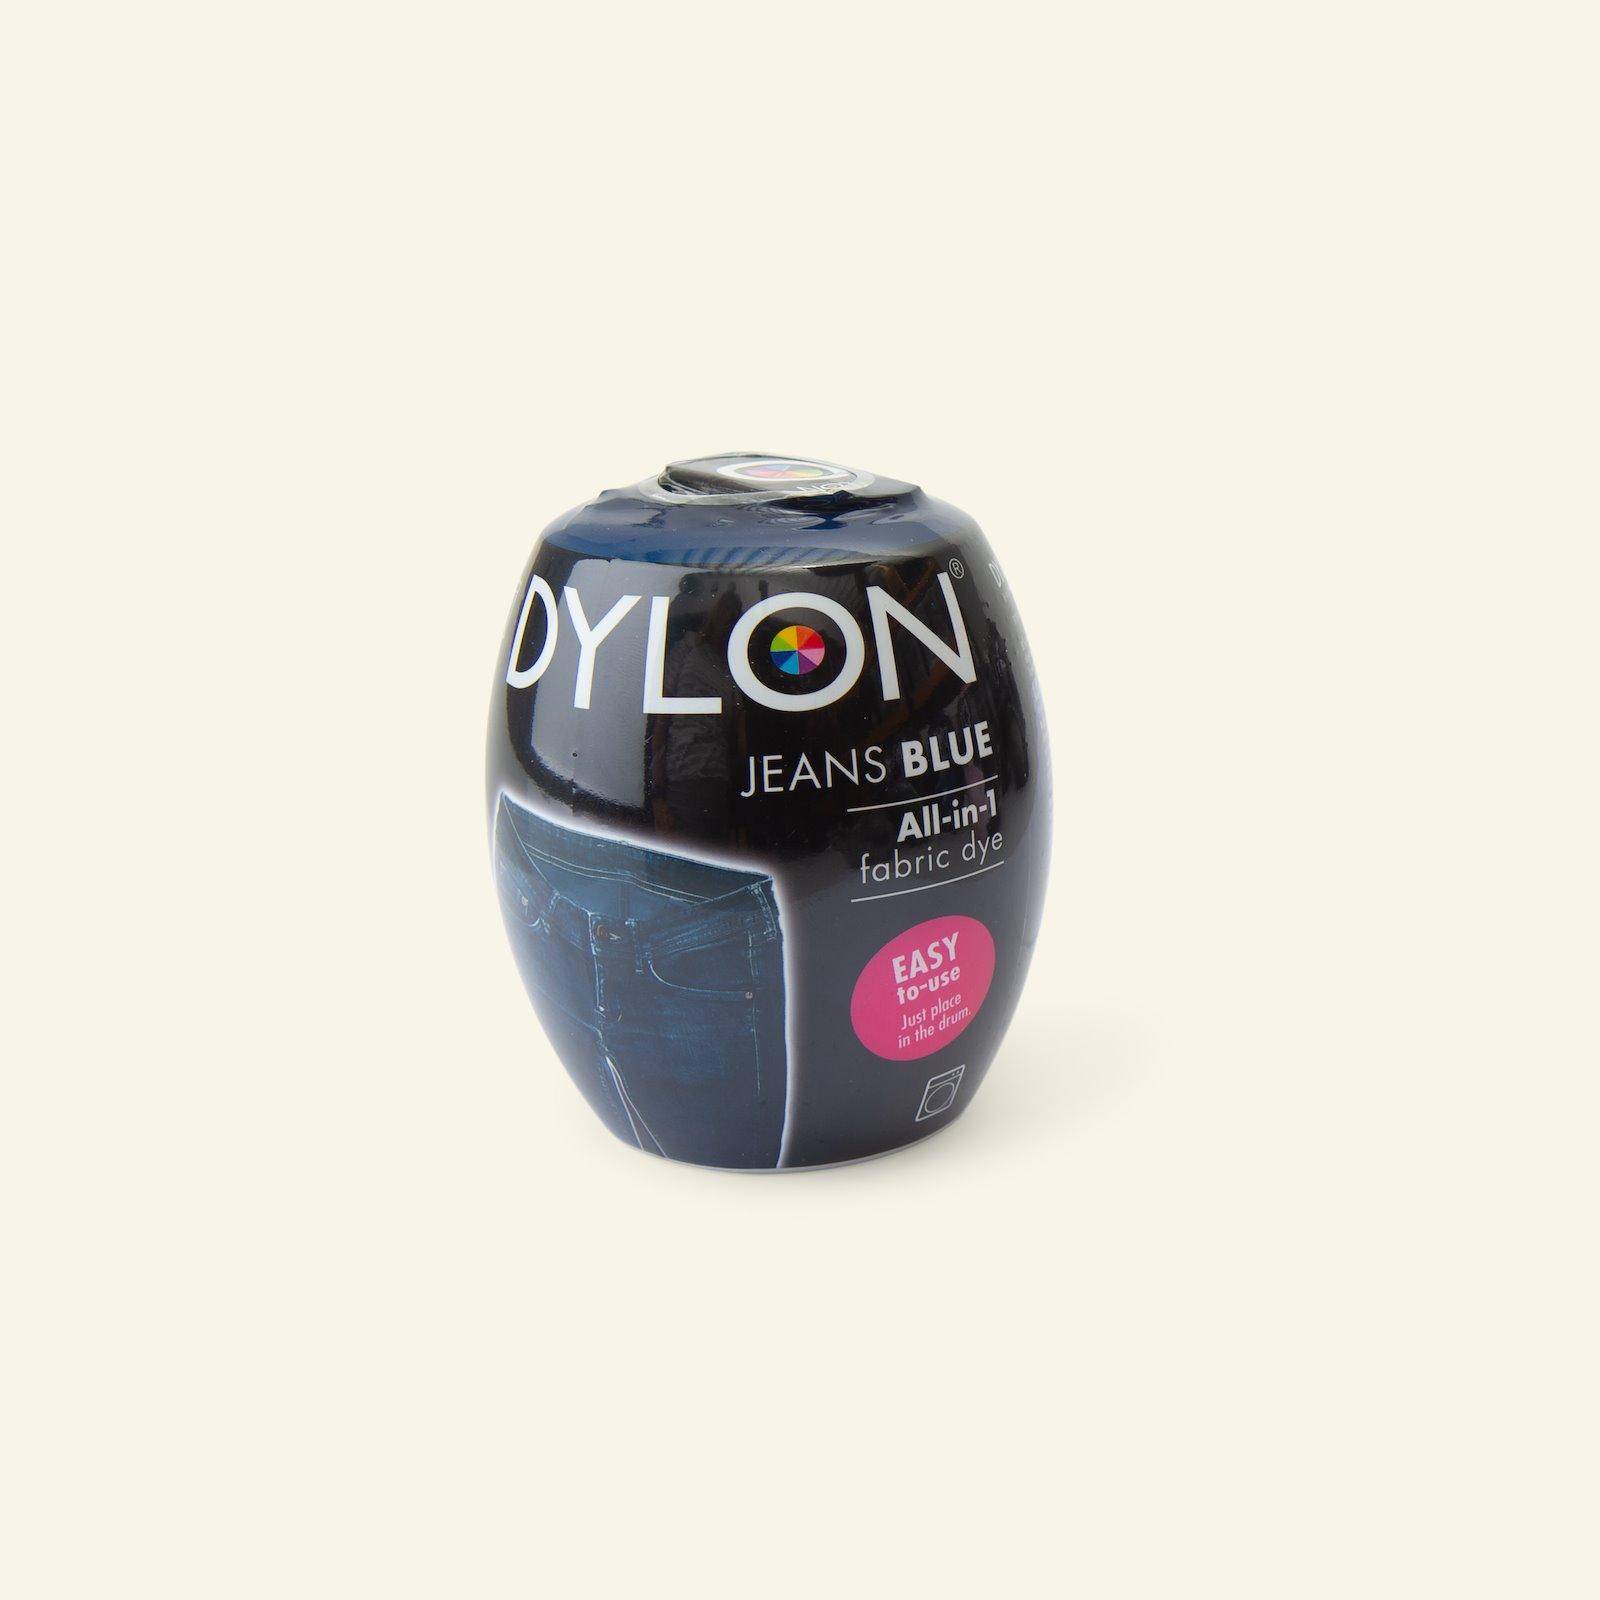 Dylon Maschinenfarbe, Dunkelblau 29711_pack_b